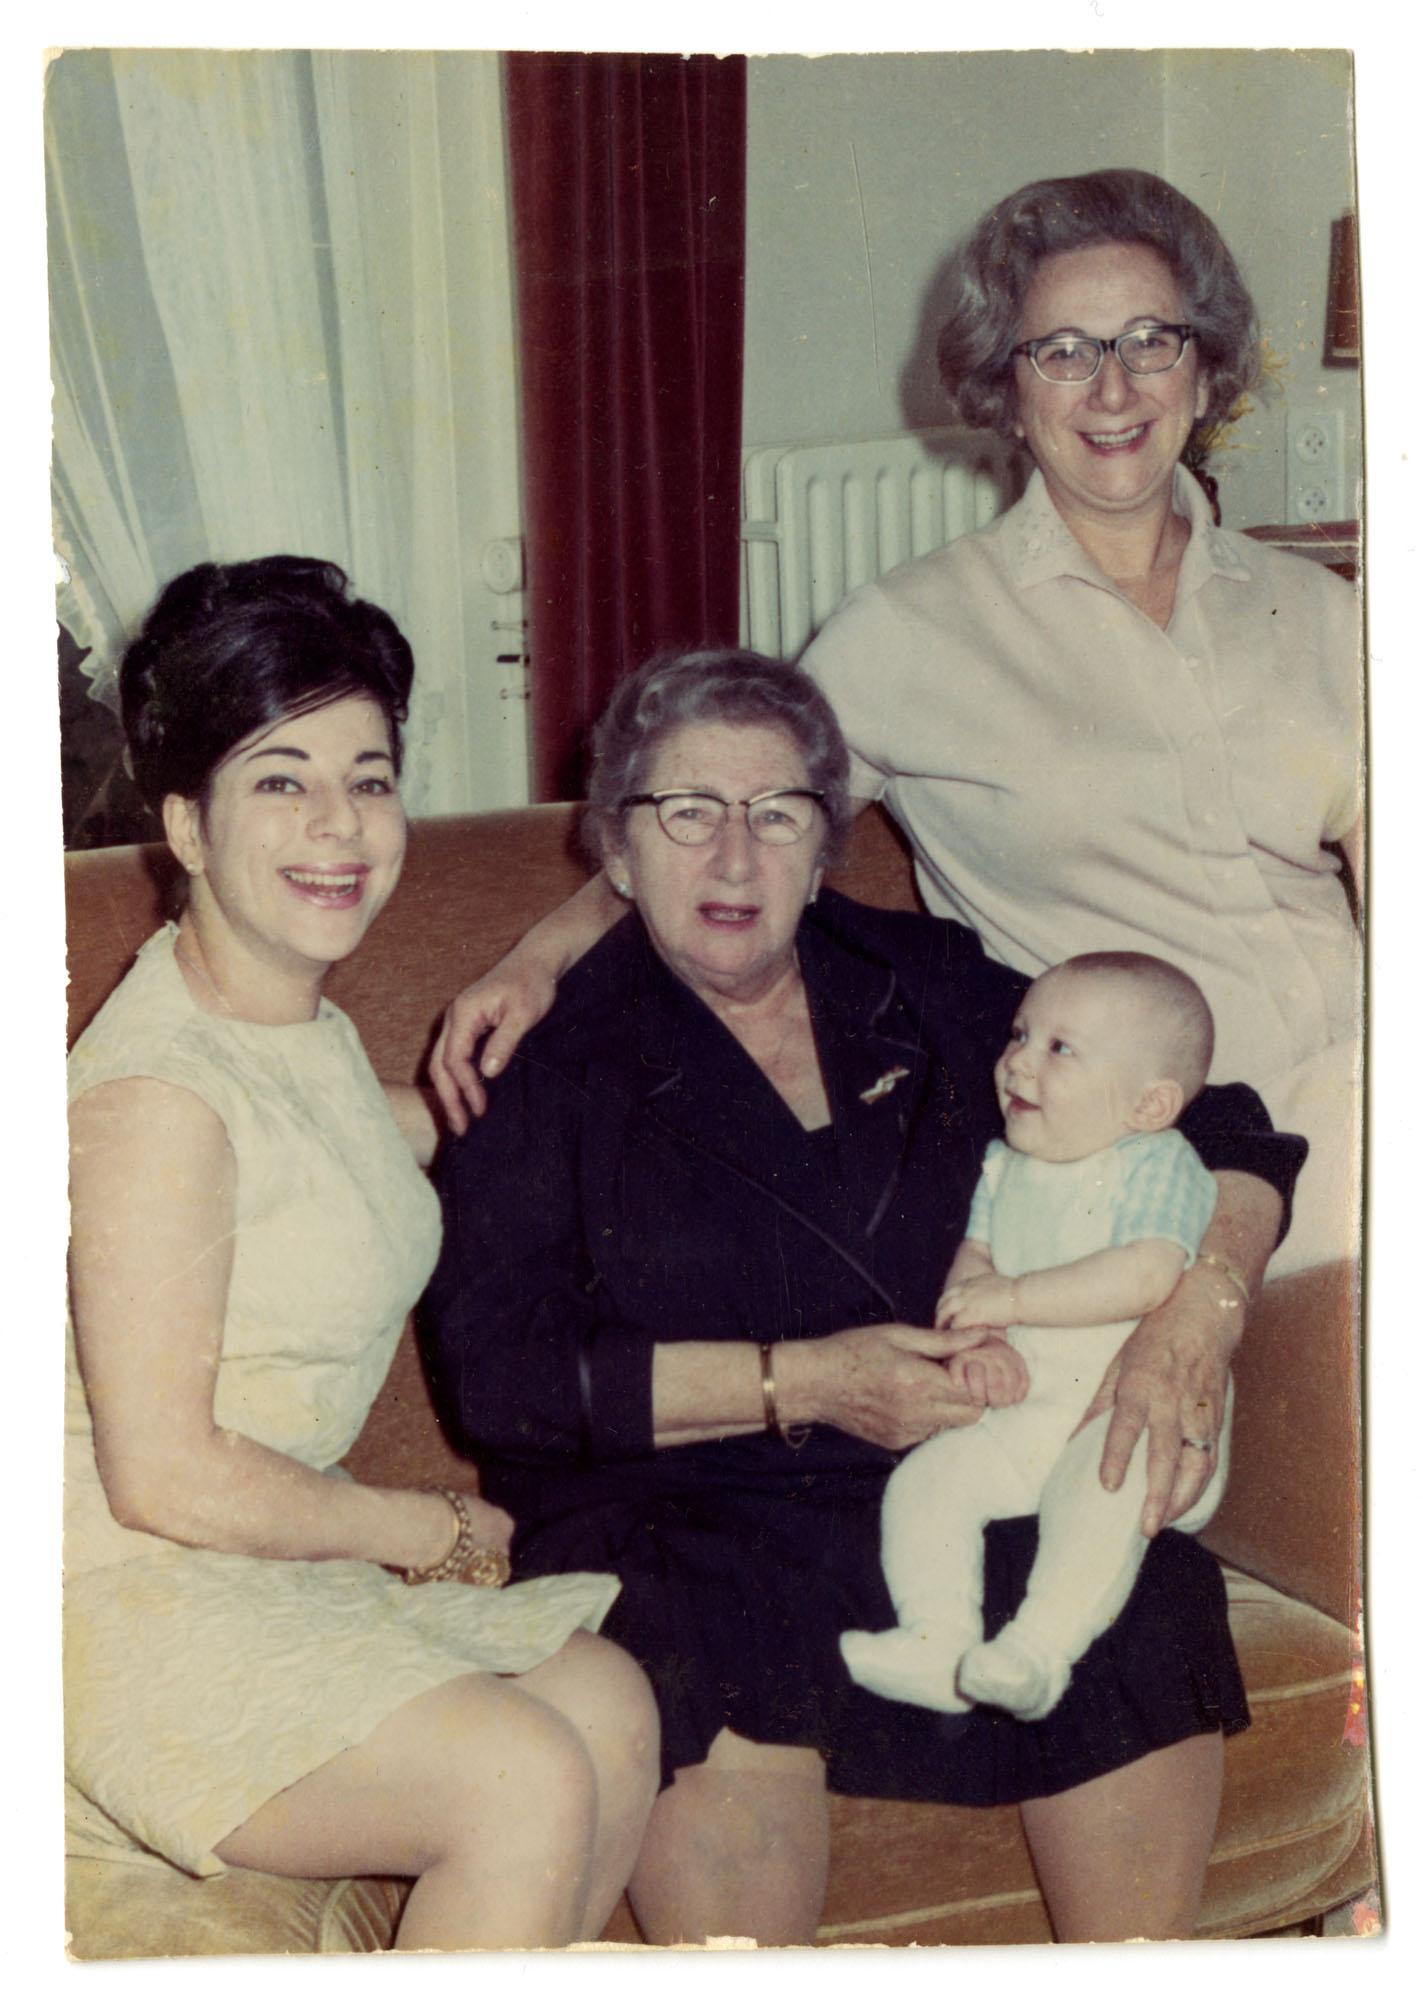 Krant family, 1967